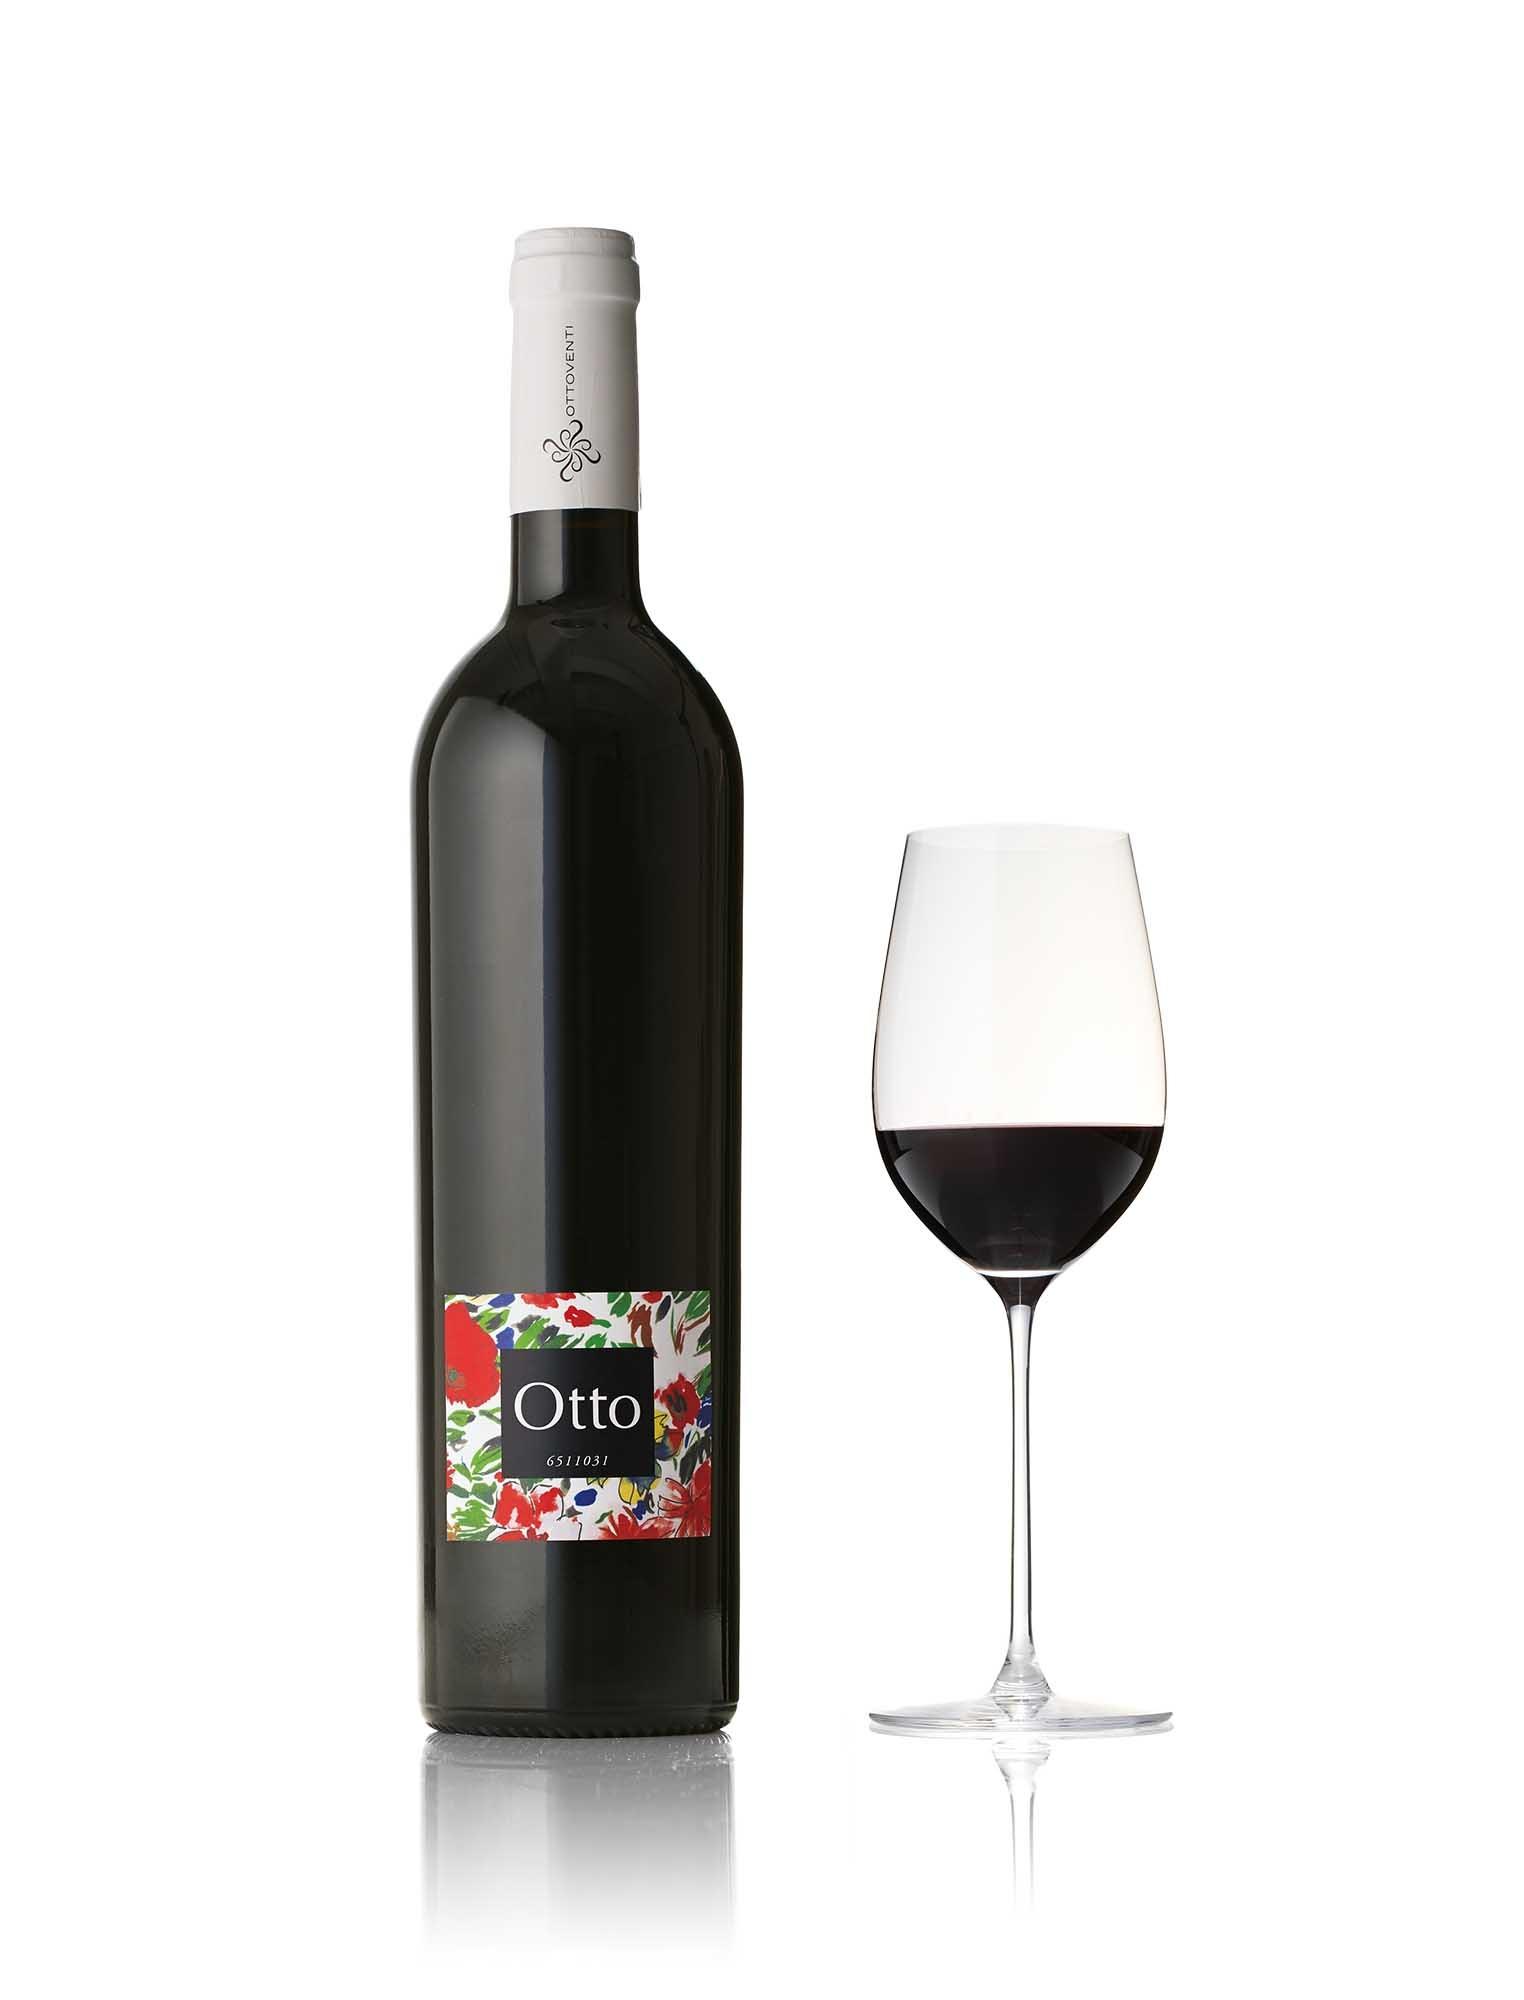 濃厚な深みがある赤ワイン